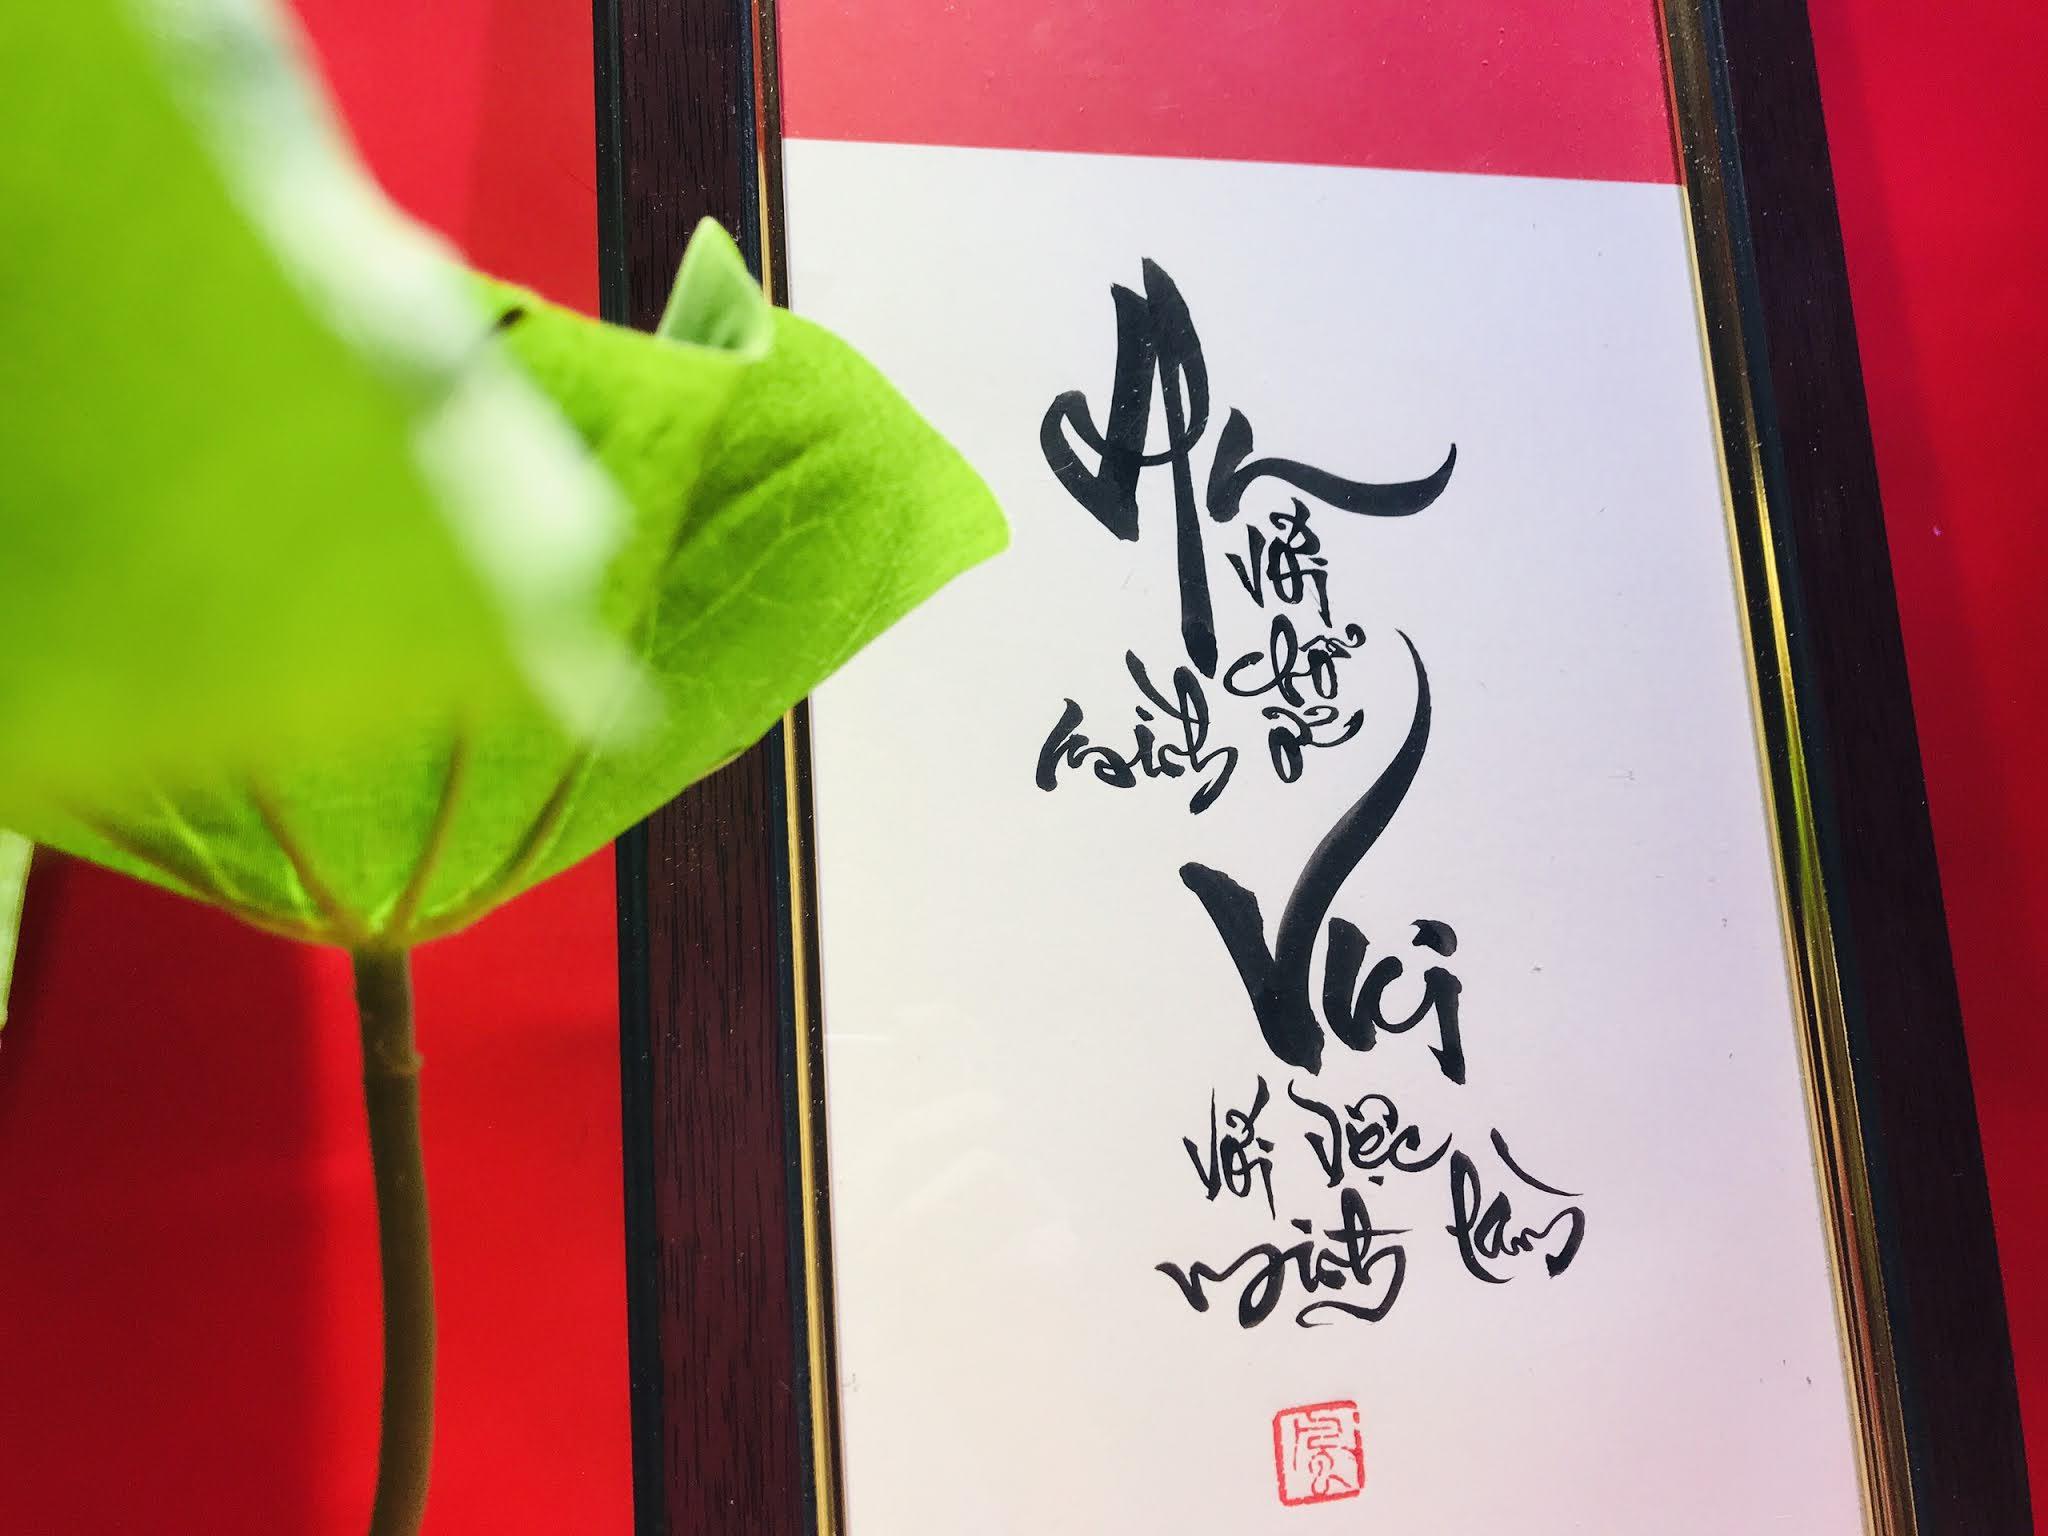 Thông tin mua sắm tại thư pháp Thanh Phong